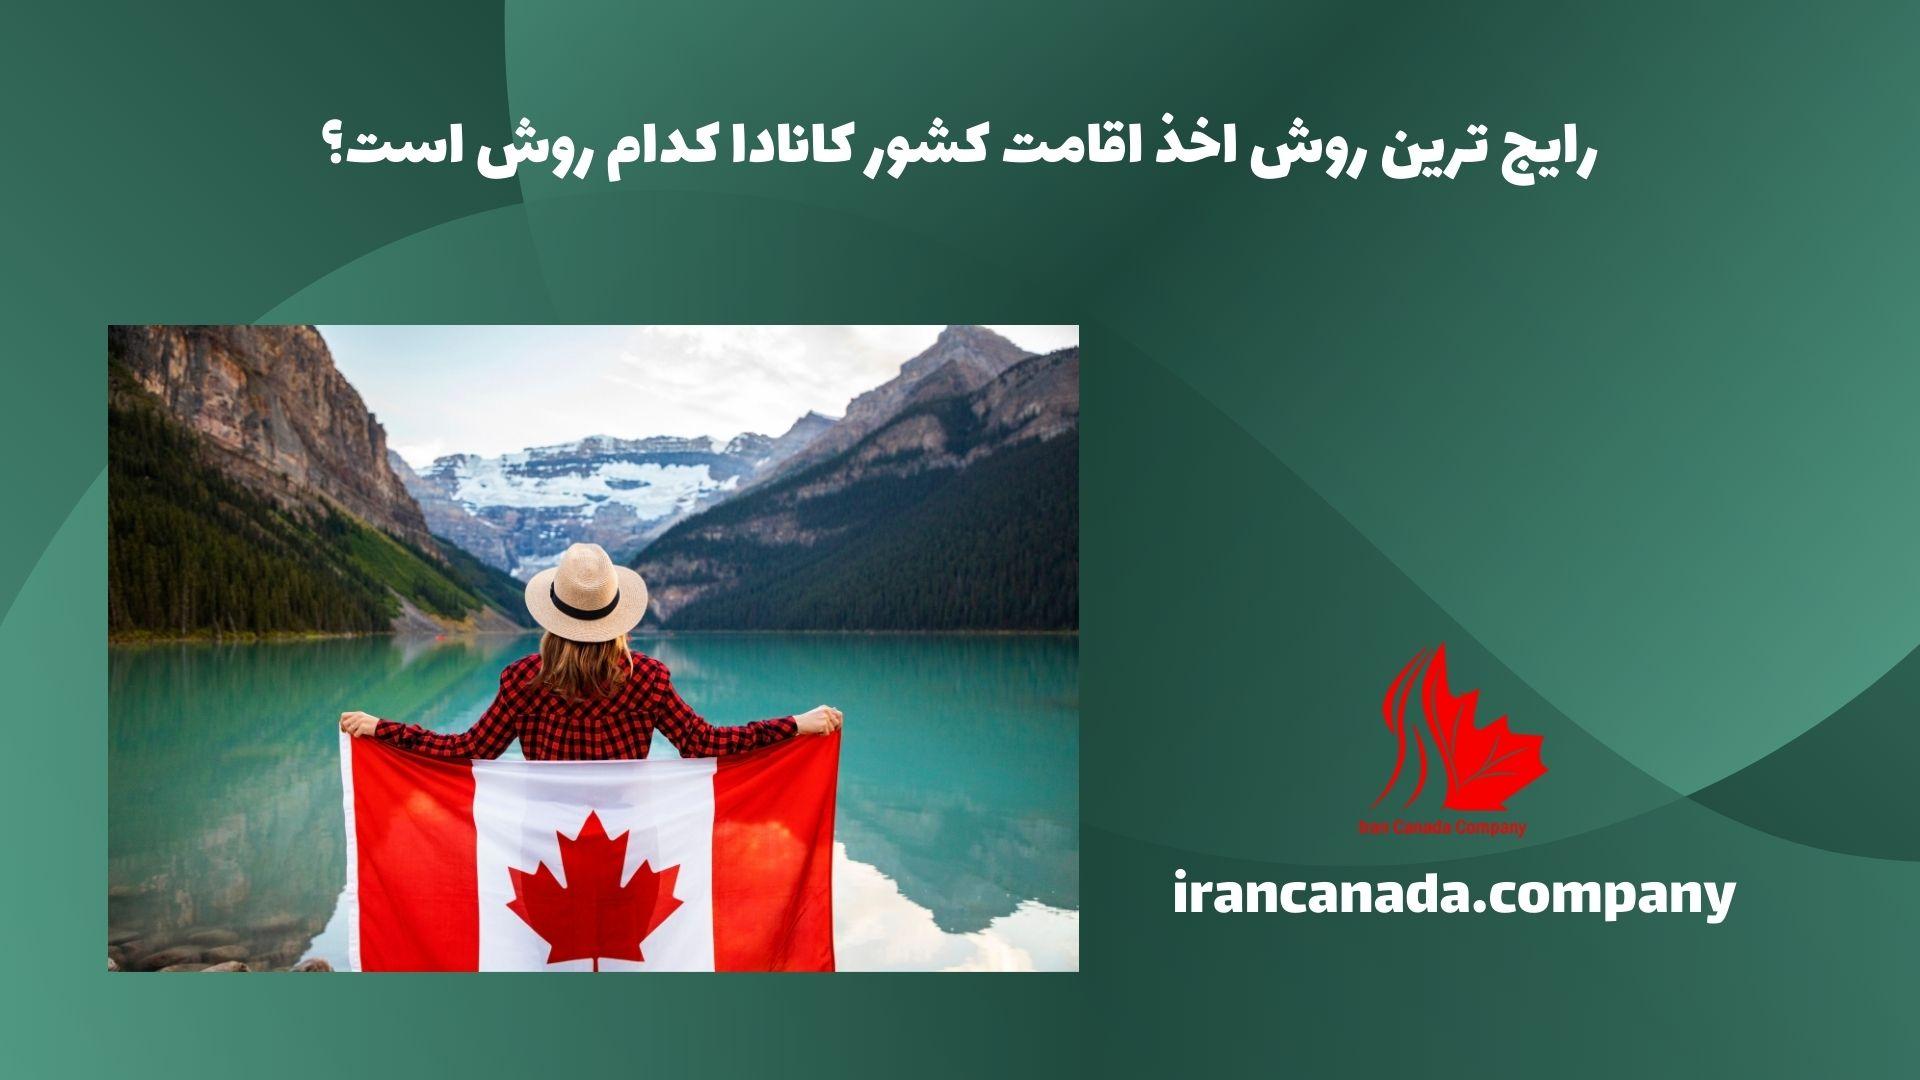 رایج ترین روش اخذ اقامت کشور کانادا کدام روش است؟